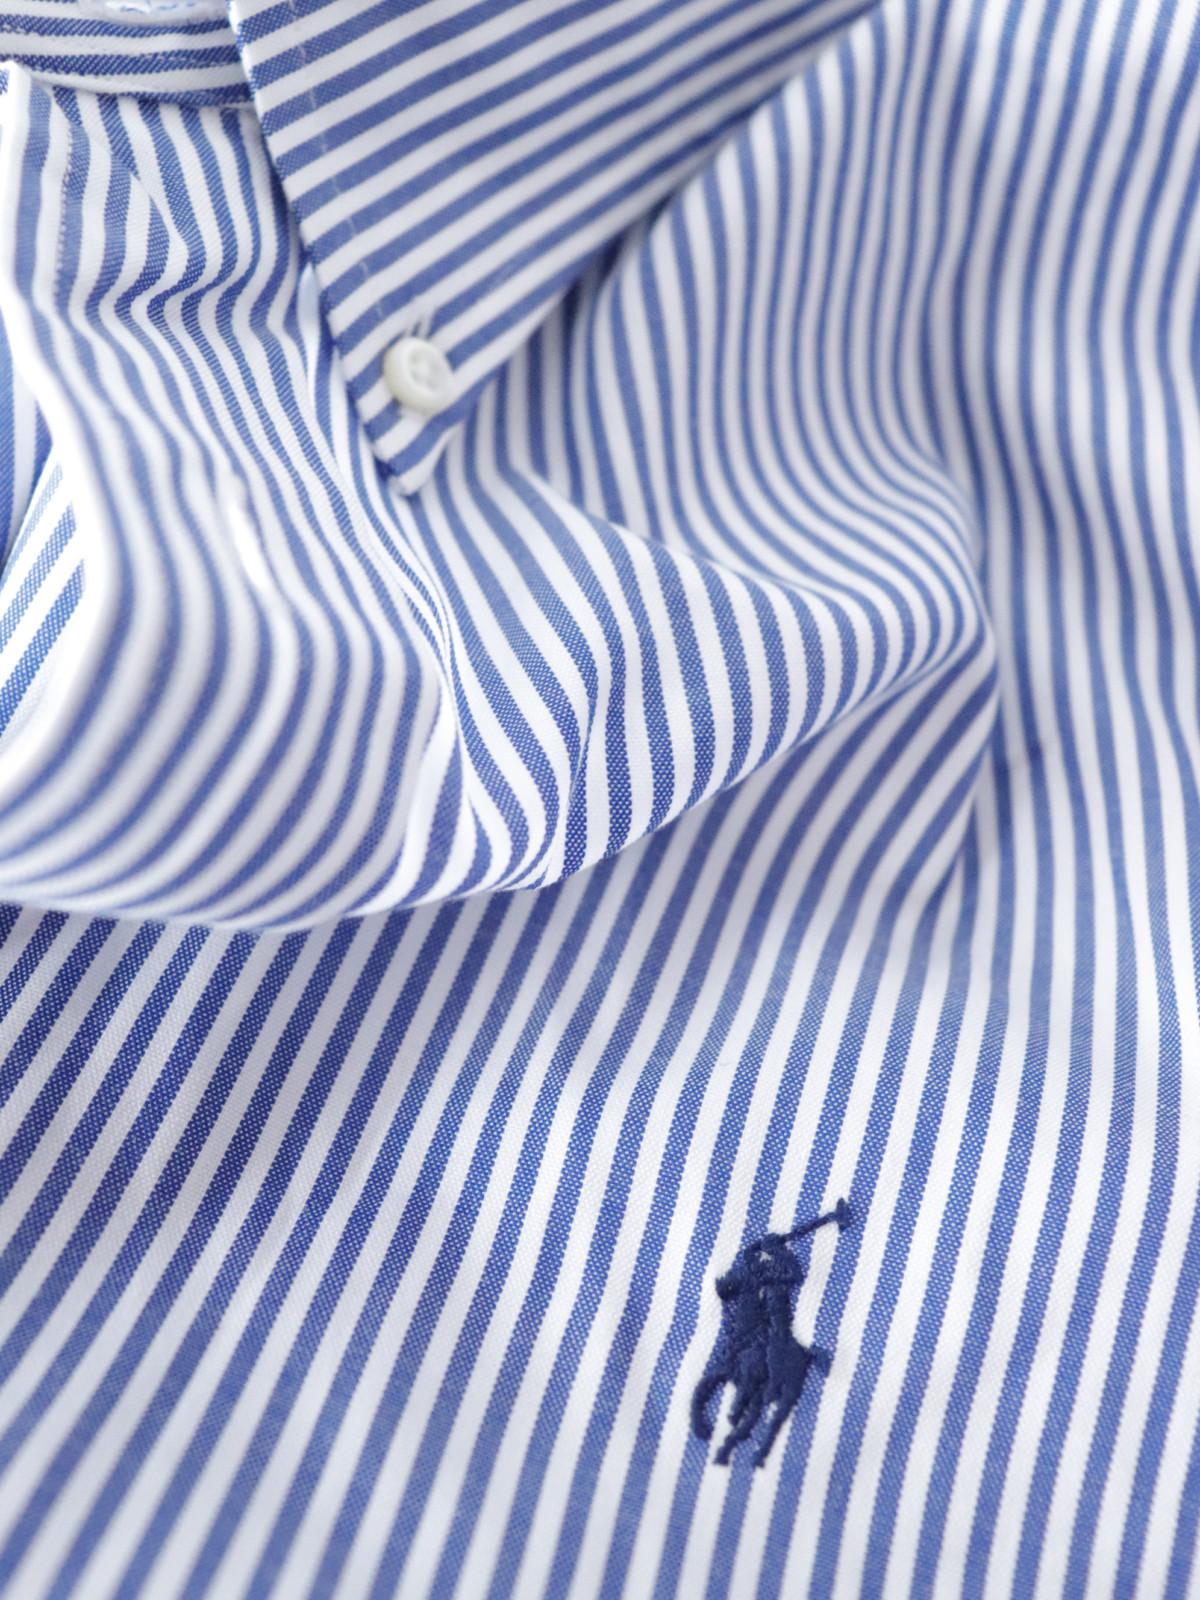 Ralph Lauren, shirts, USA